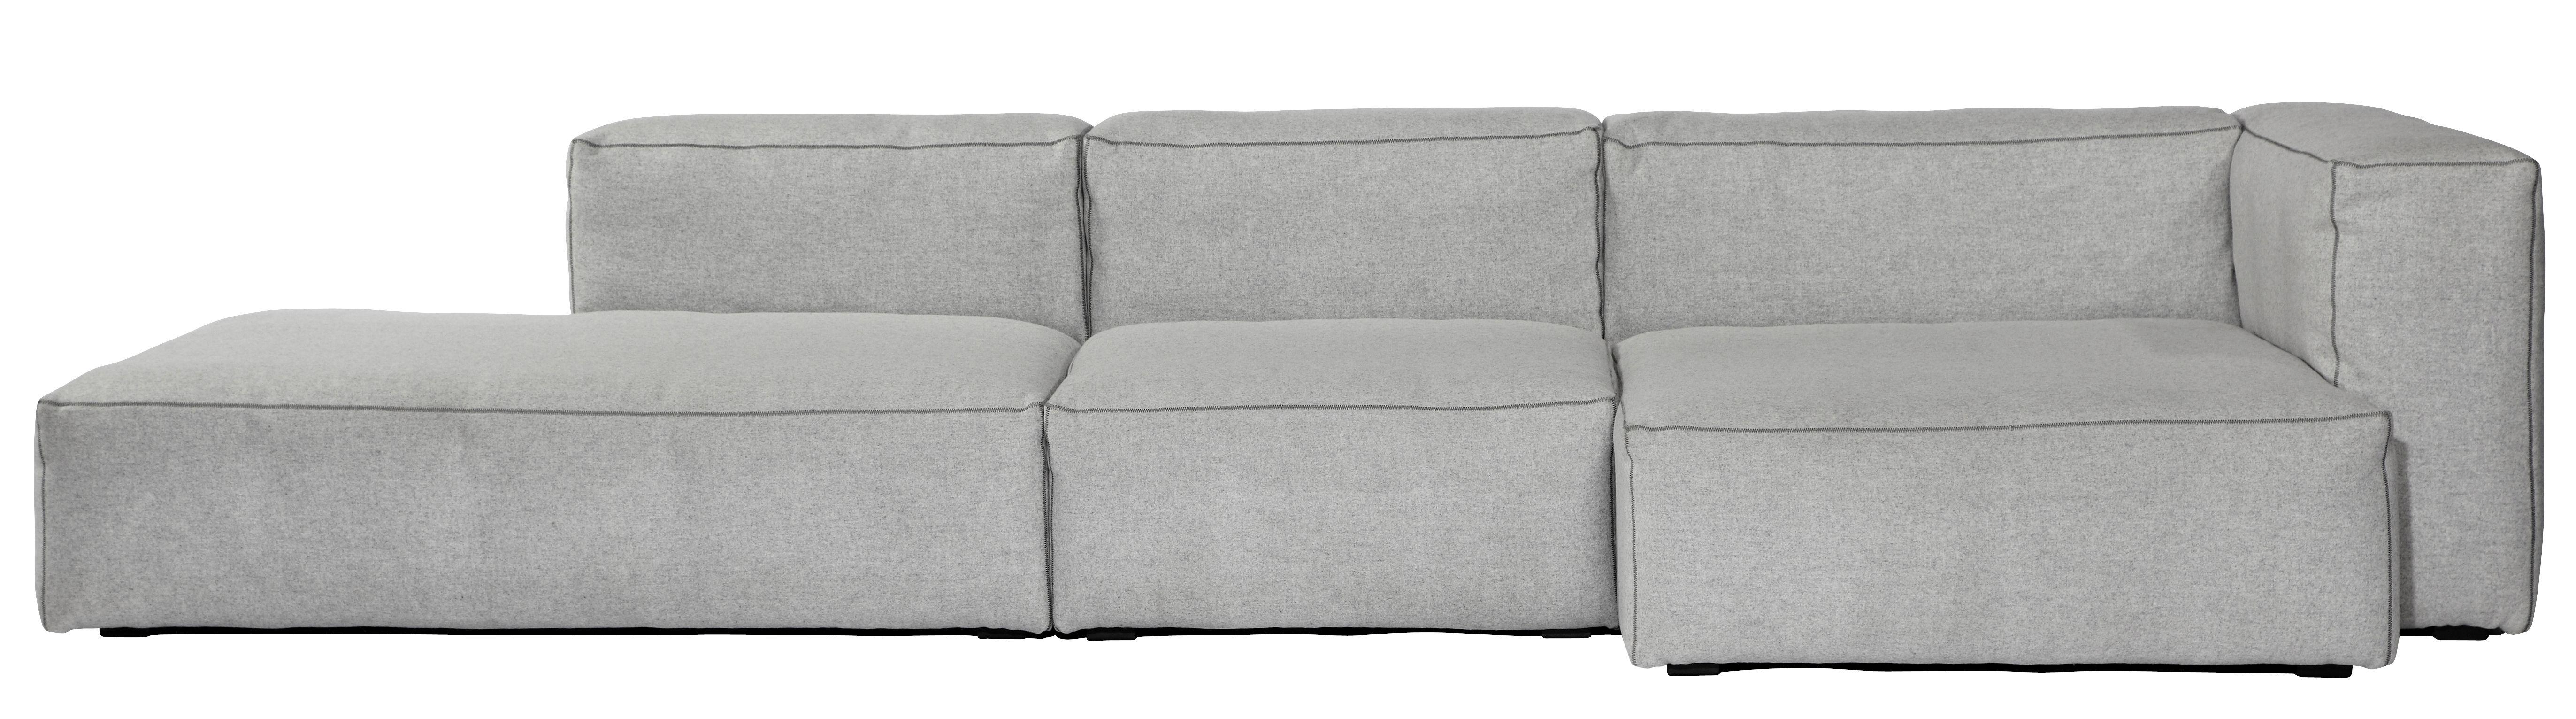 Mobilier - Canapés - Canapé d'angle Soft Mags / L 302 cm - Accoudoir droit - Hay - Gris clair /  Accoudoir droit - Mousse super soft, Panneaux de particules, Plumes d'oie, Tissu Kvadrat